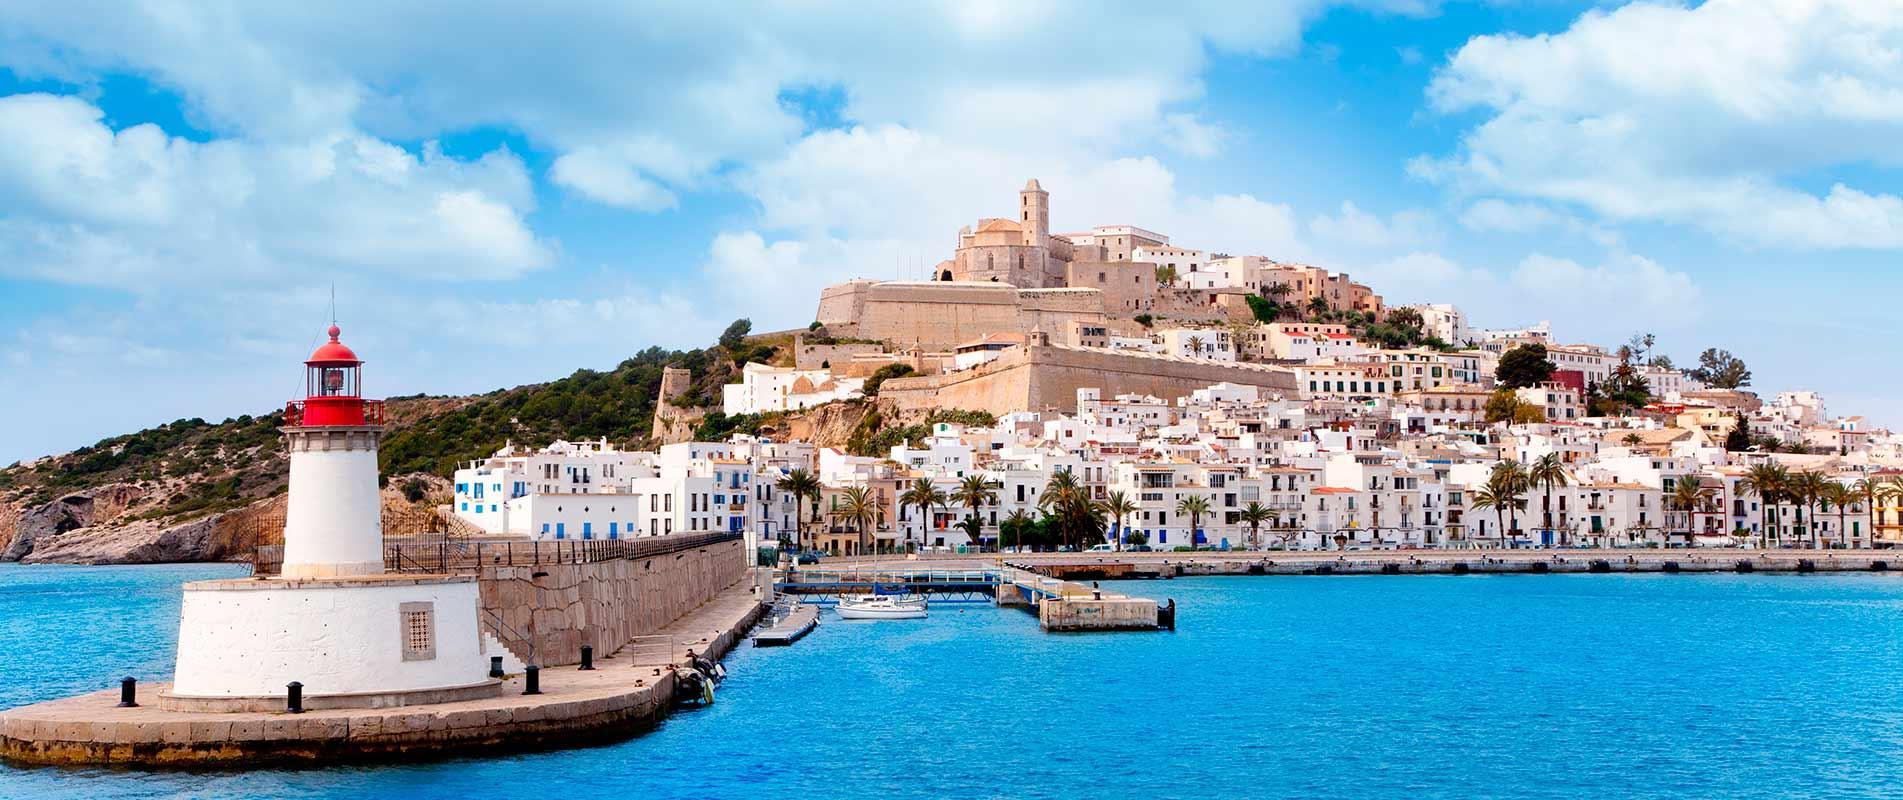 Ibiza e Formentera. Le due meravigliose isole dalla tua crociera nel Mediterraneo